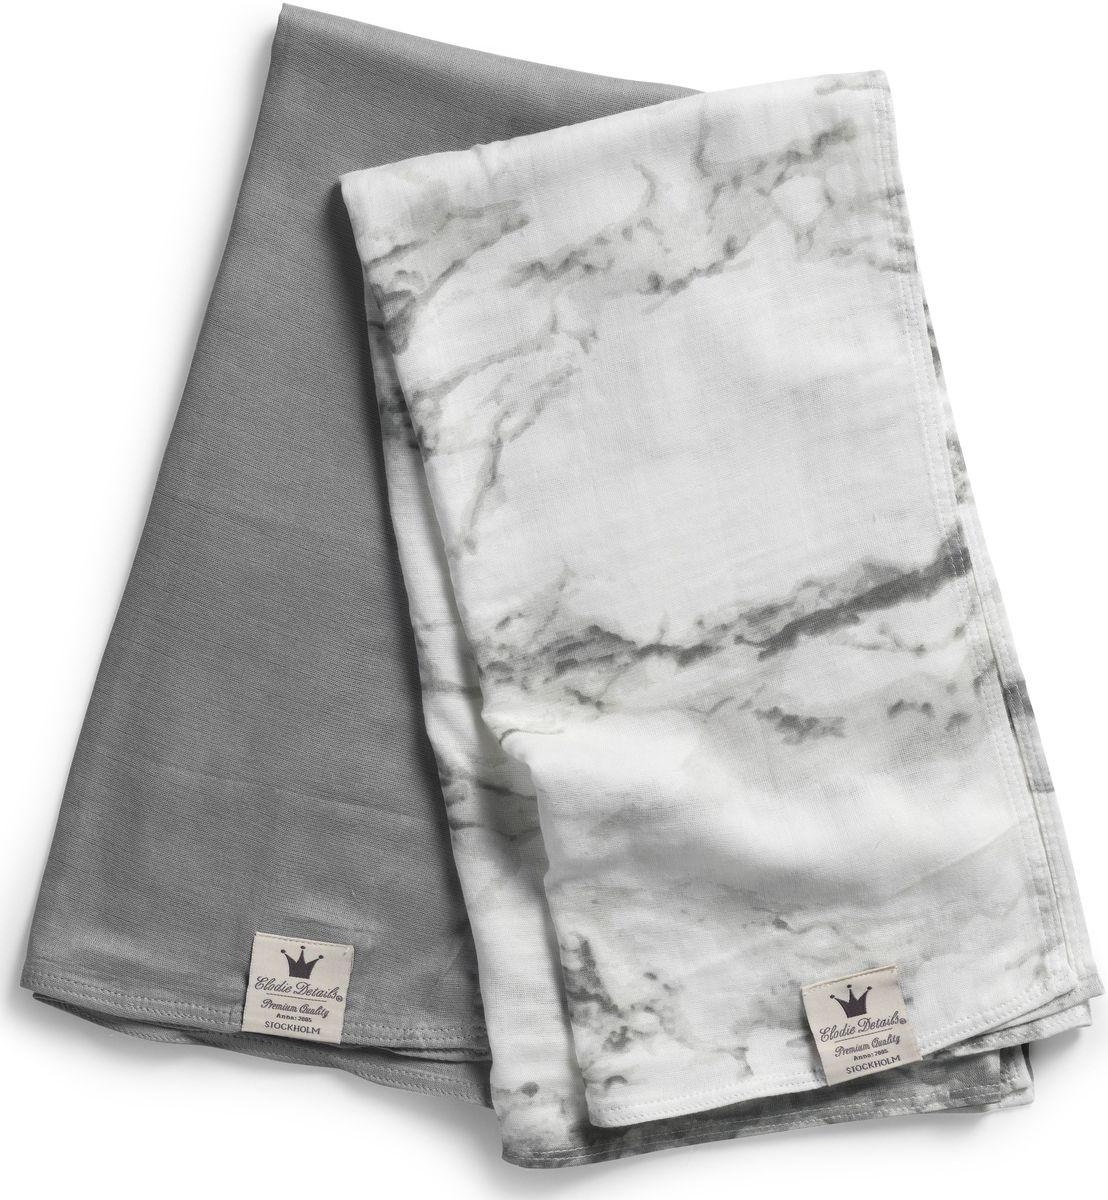 Elodie Details Плед детский Marble Grey 80 см х 80 см103311Плед Elodie Details Marble Grey - невесомые муслиновые пеленки незаменимы в теплое время года. Легкая двухслойная ткань из бамбукового волокна прекрасно пропускает воздух, позволяя коже ребенка дышать, и впитывает лишнюю влагу. Пеленки можно использовать в качестве легкого летнего пледа - дома и на прогулке, а также накрывать коляску от прямых солнечных лучей. Коллекцию Marble Grey отличают благородные серые цвета: в однотонном варианте и в виде необычного мраморного принта. Серый цвет придает изысканность и утонченность любому образу, он отлично сочетается с яркими аксессуарами и позволяет экспериментировать, создавая смелые модные ансамбли. А кроме прочего, серый цвет универсален и подходит как мальчику, так и девочке.